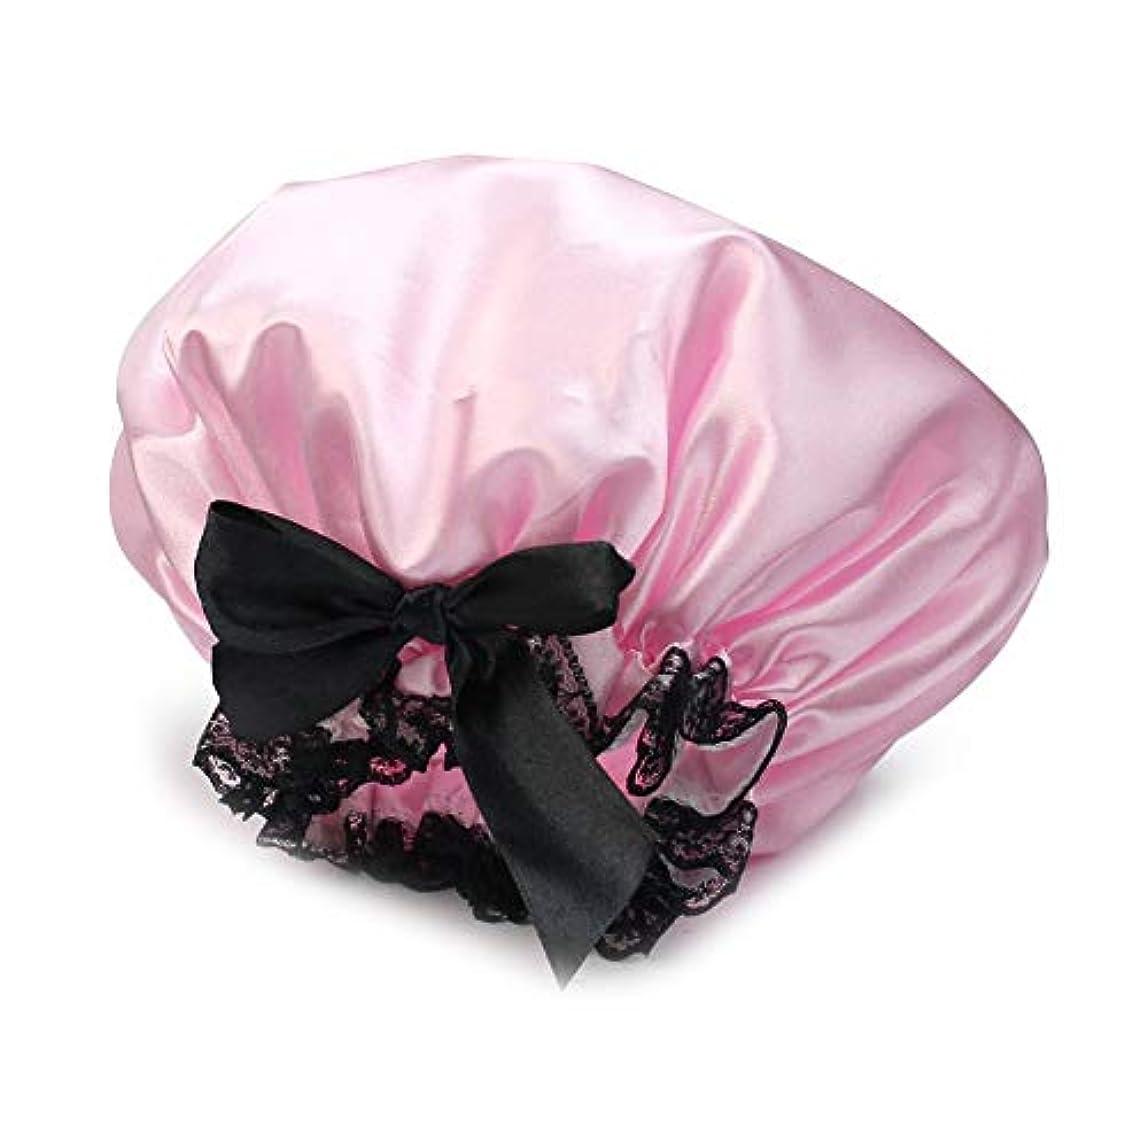 寂しいトレイ法律によりOrient Direct 女性の女の子のための入浴キャップゴムバンドシャワー帽子髪の入浴キャップ